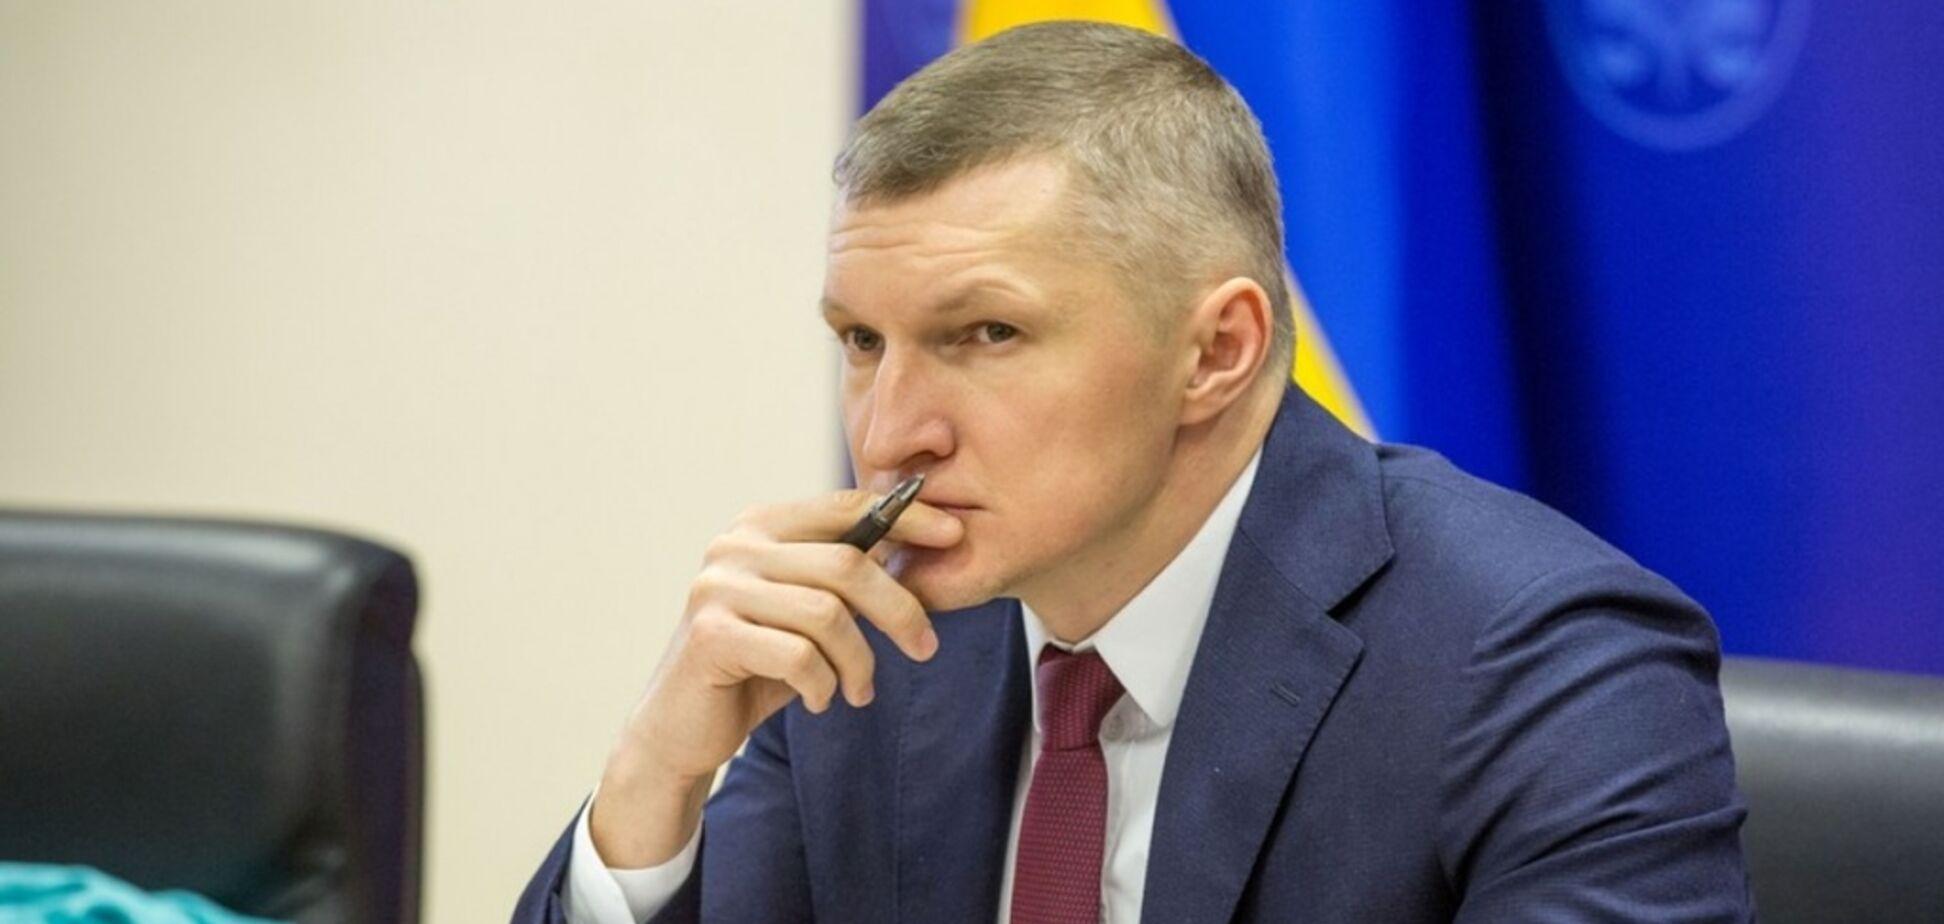 В ГФС уволили топ-чиновника: эксклюзивный документ